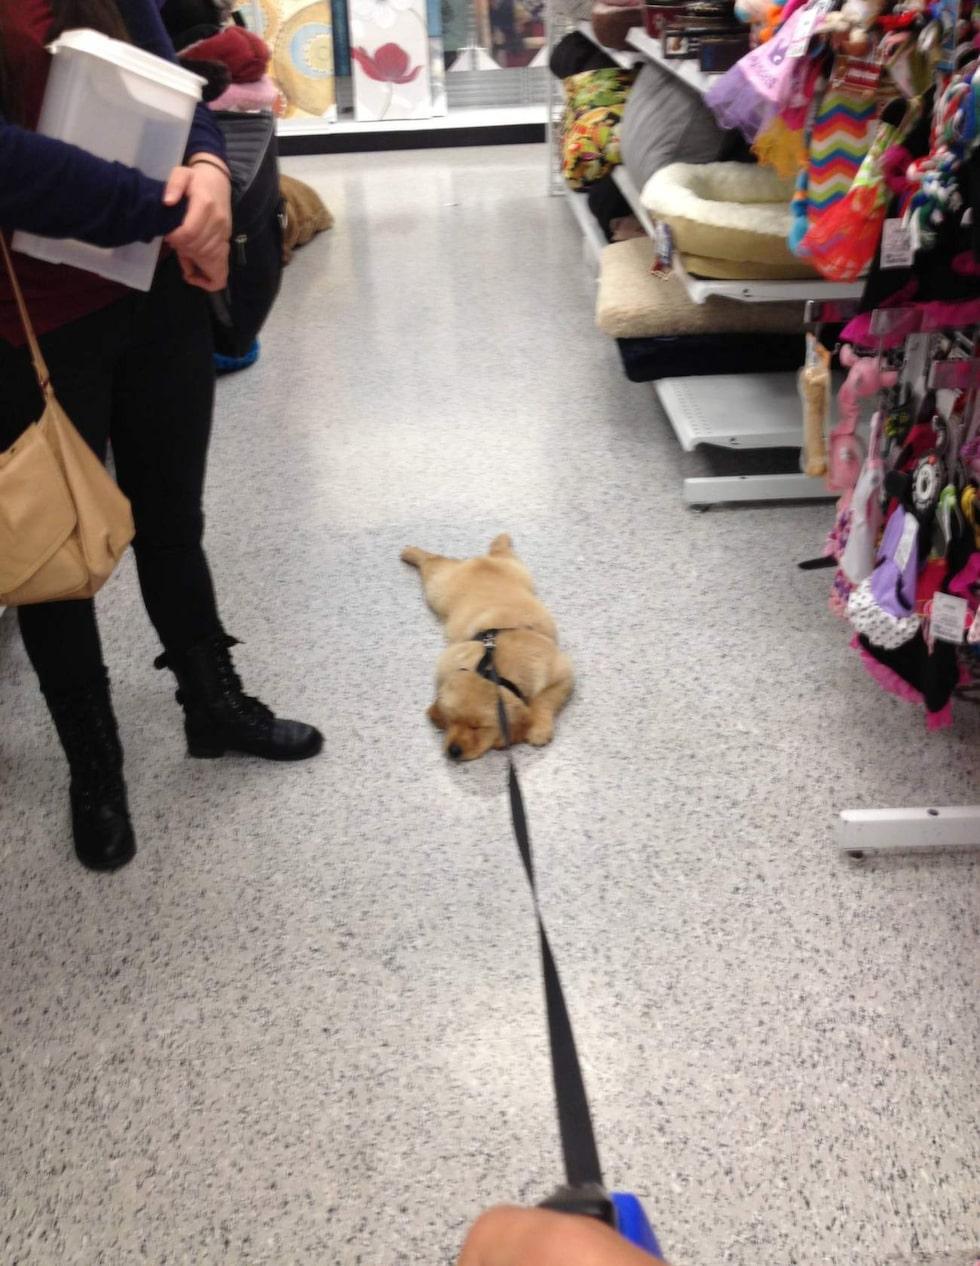 Vi har ju sett barn lägga sig och protestera så här i affären. Men hundar...?